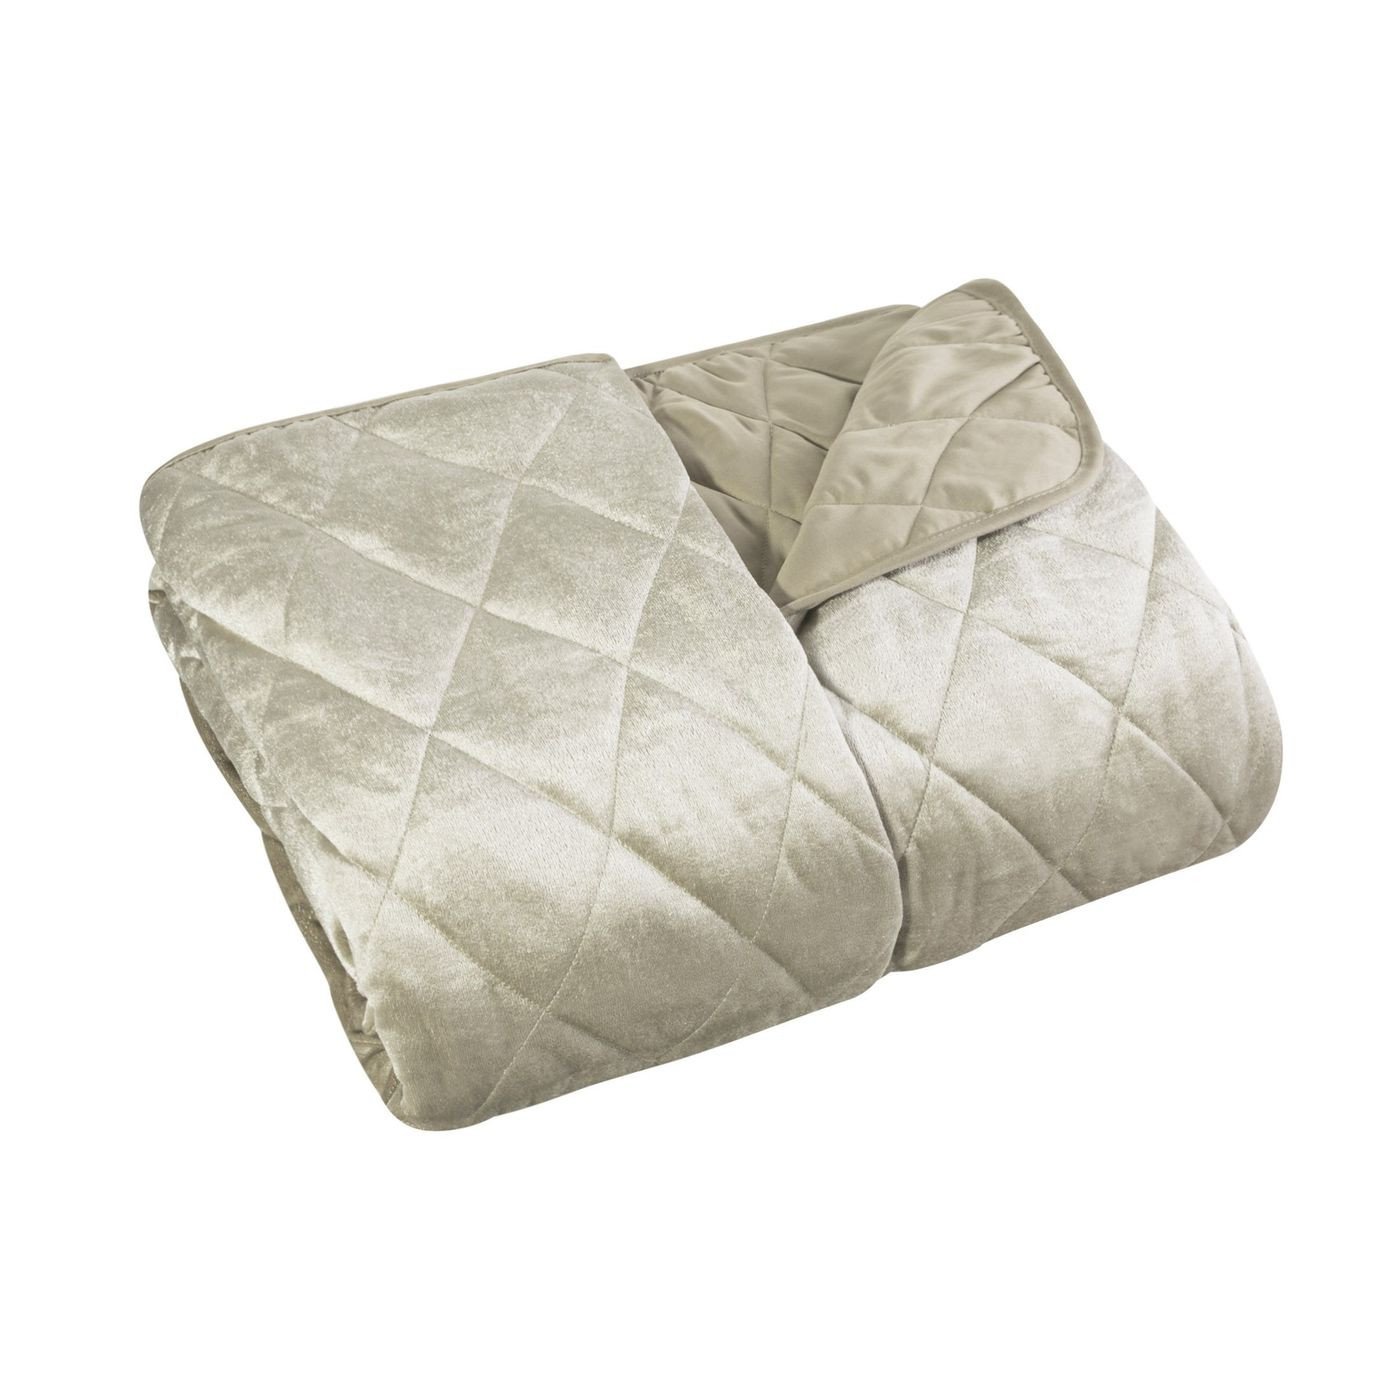 Narzuta na łóżko welwetowa pikowana 170x210 cm beżowa